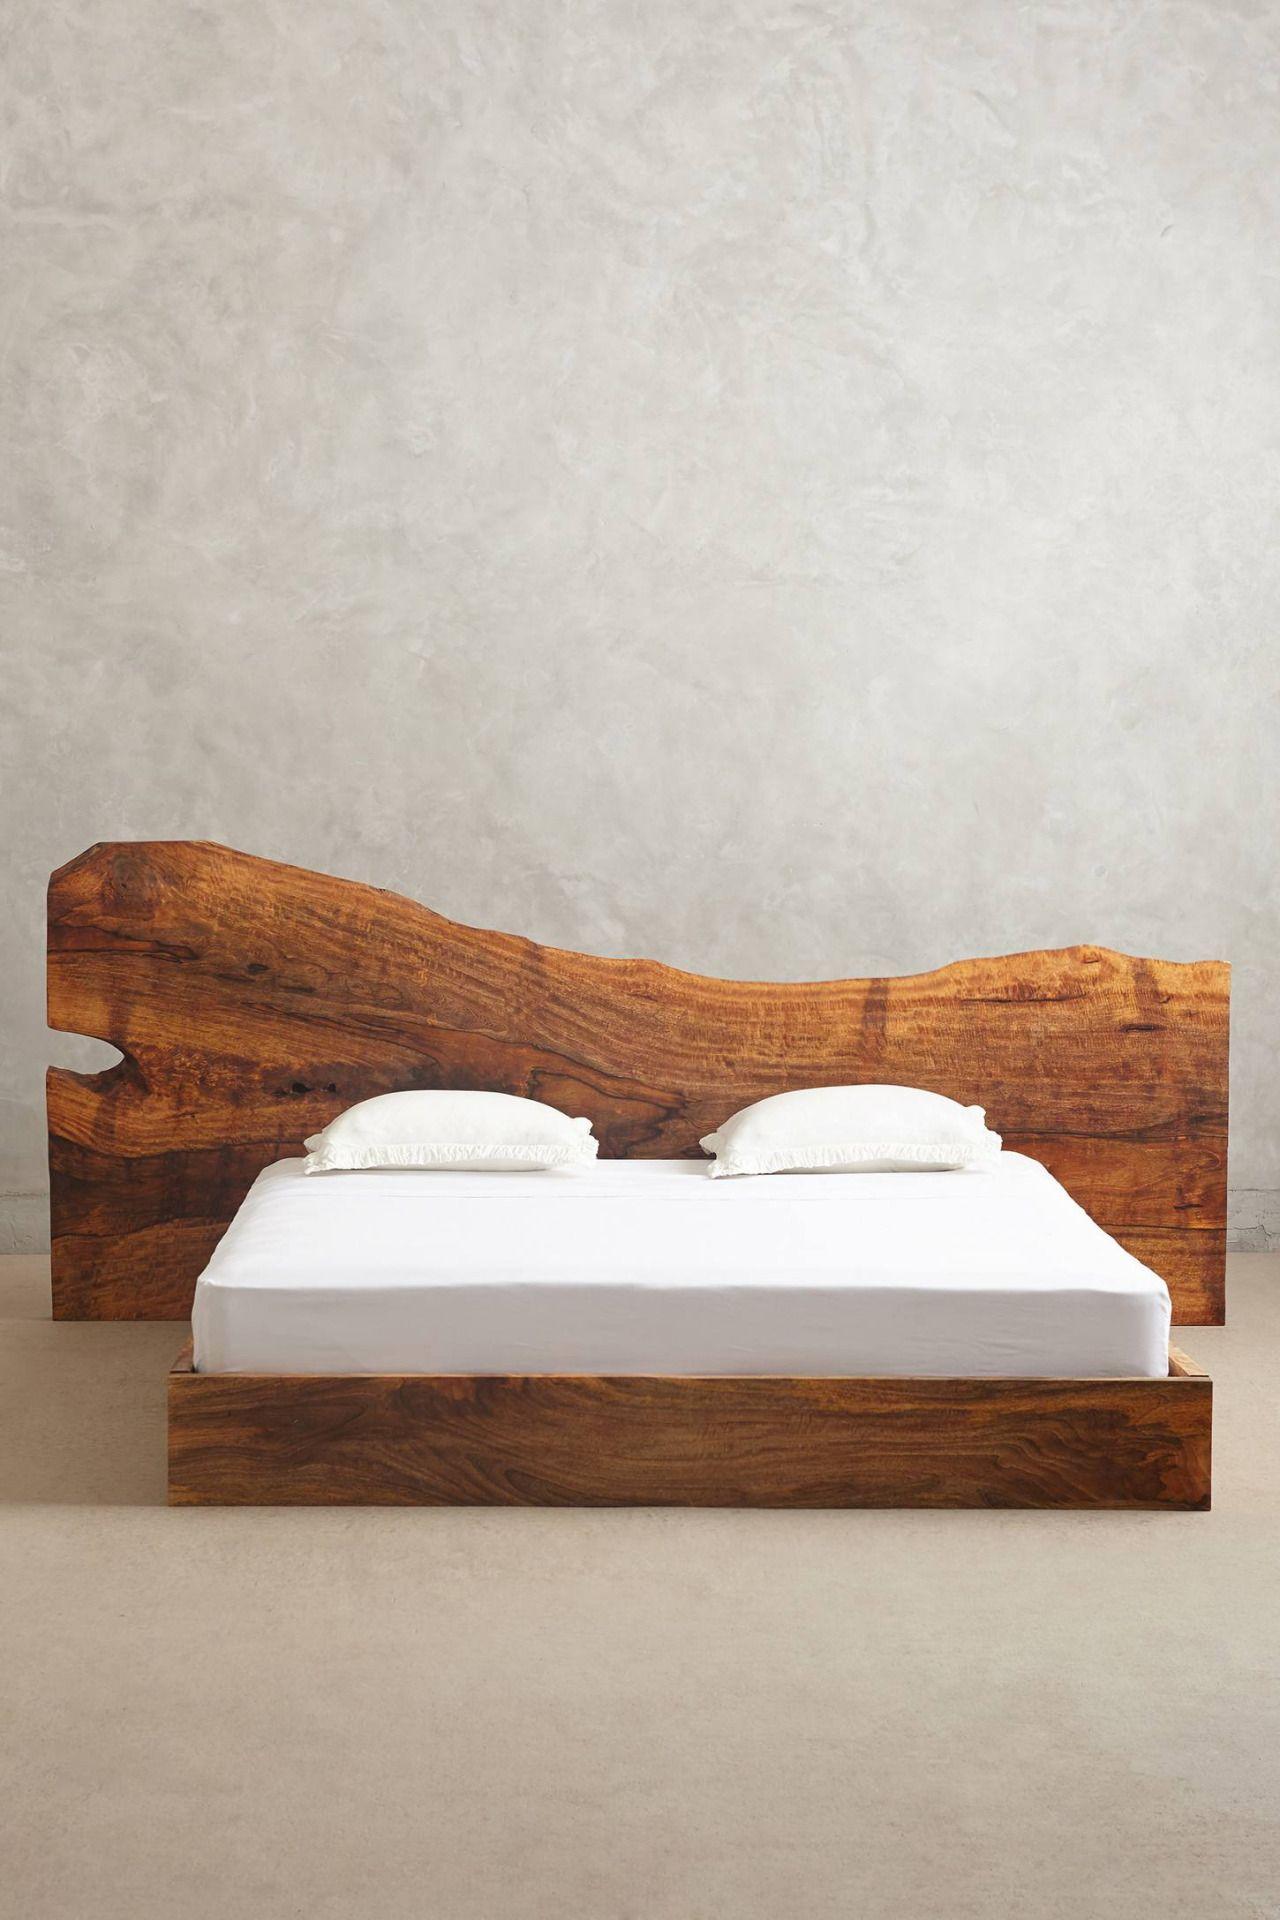 Urbnite in my dreams pinterest live edge wood wood beds